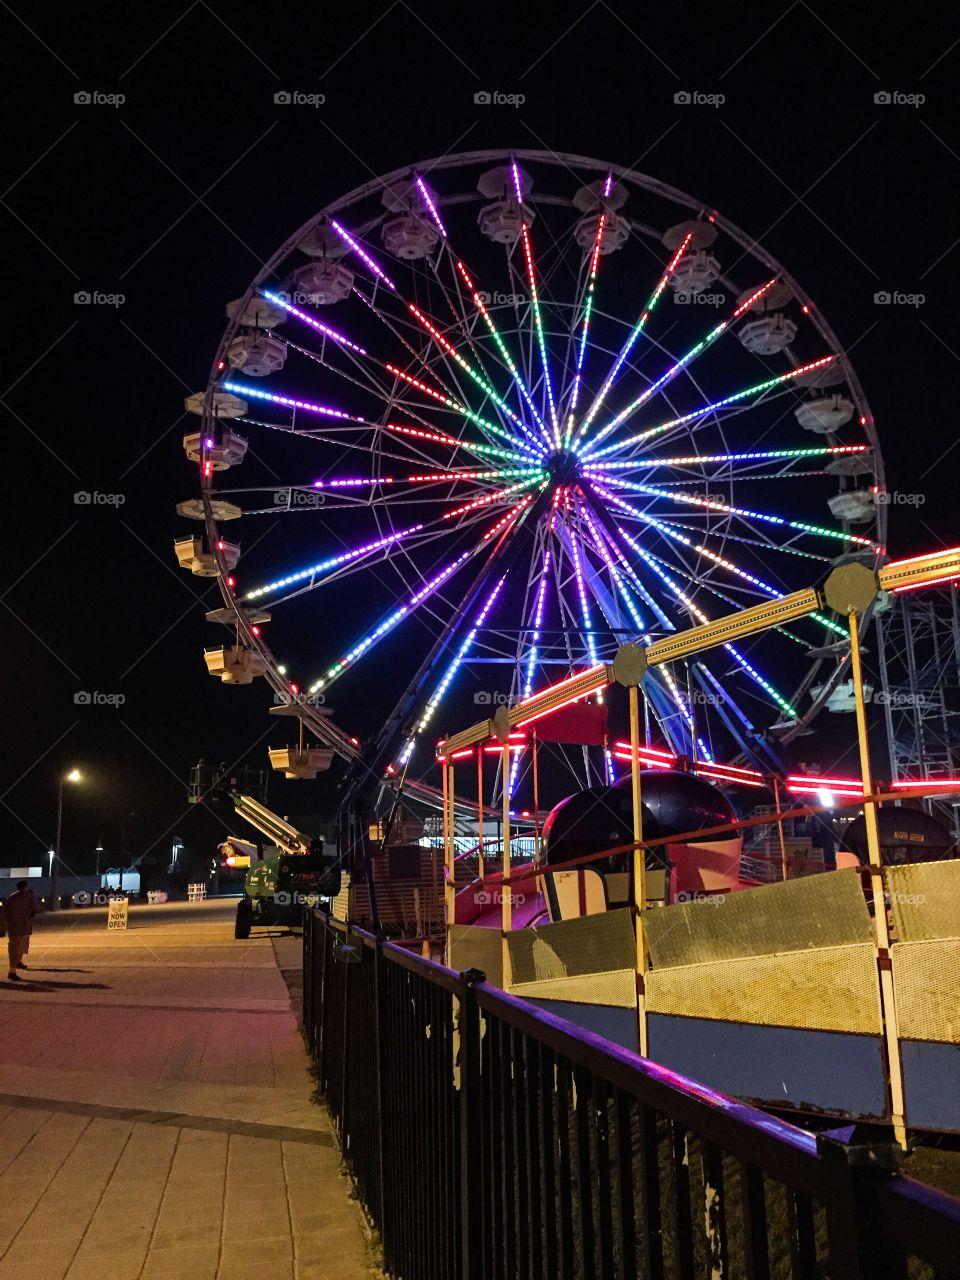 Main Street Pier Amusement